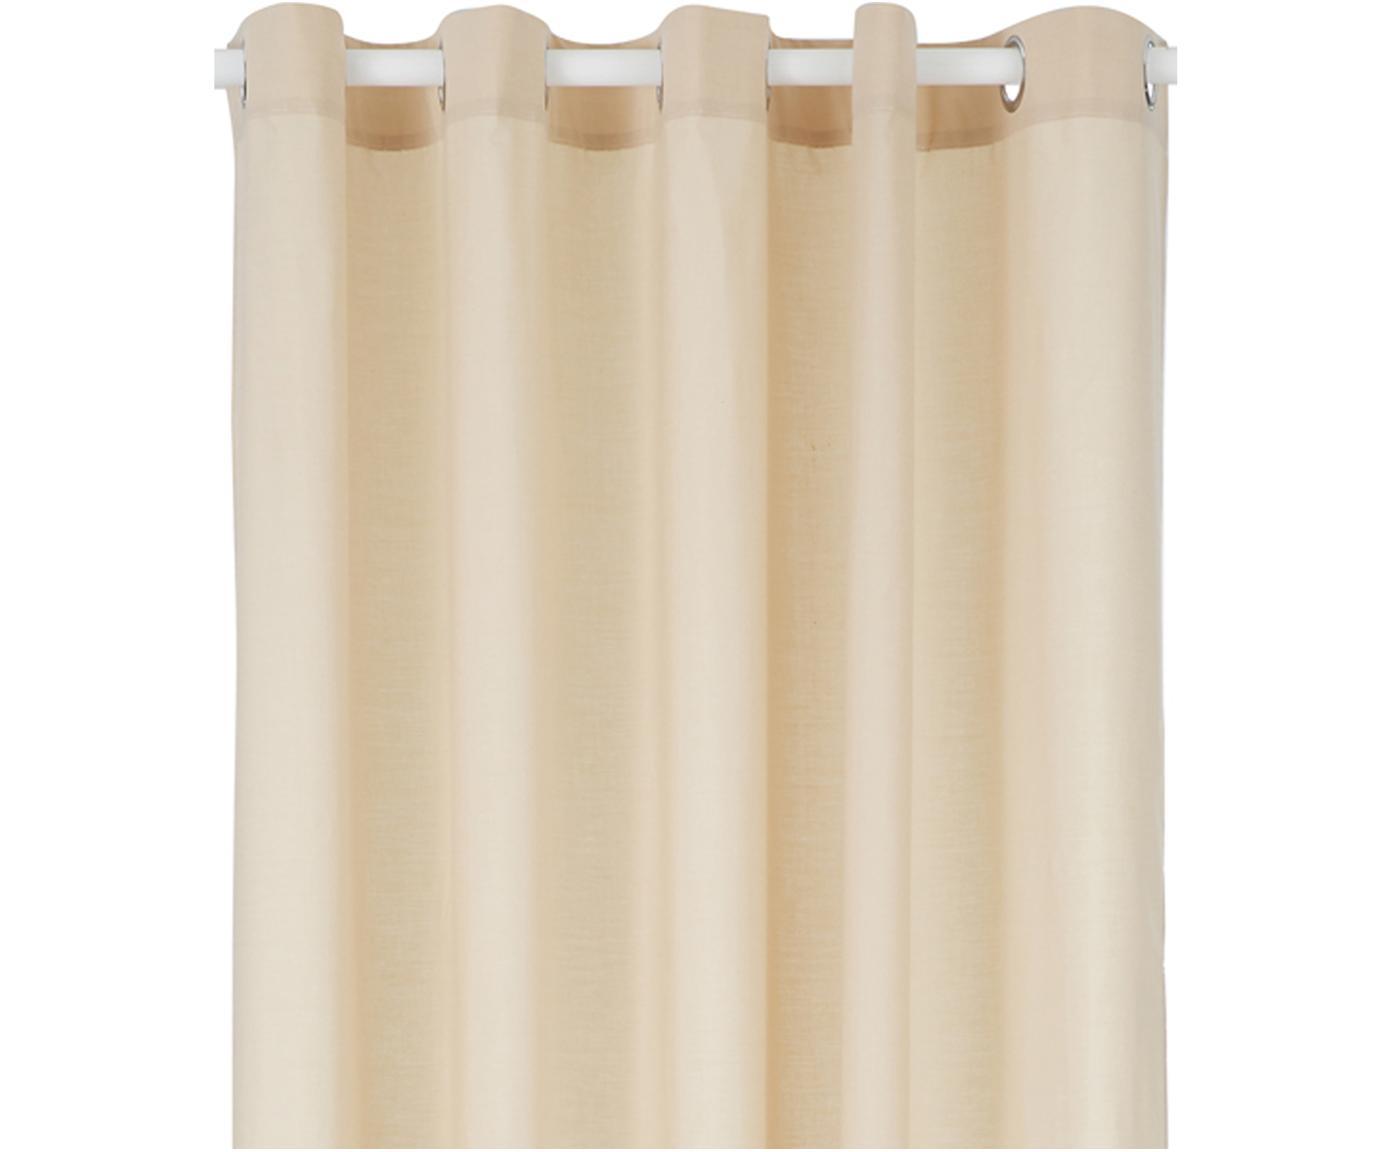 Tenda da doccia in cotone Coloris, 67% poliestere, 33% cotone Idrorepellente, non impermeabile, Beige, Larg. 180 x Lung. 200 cm